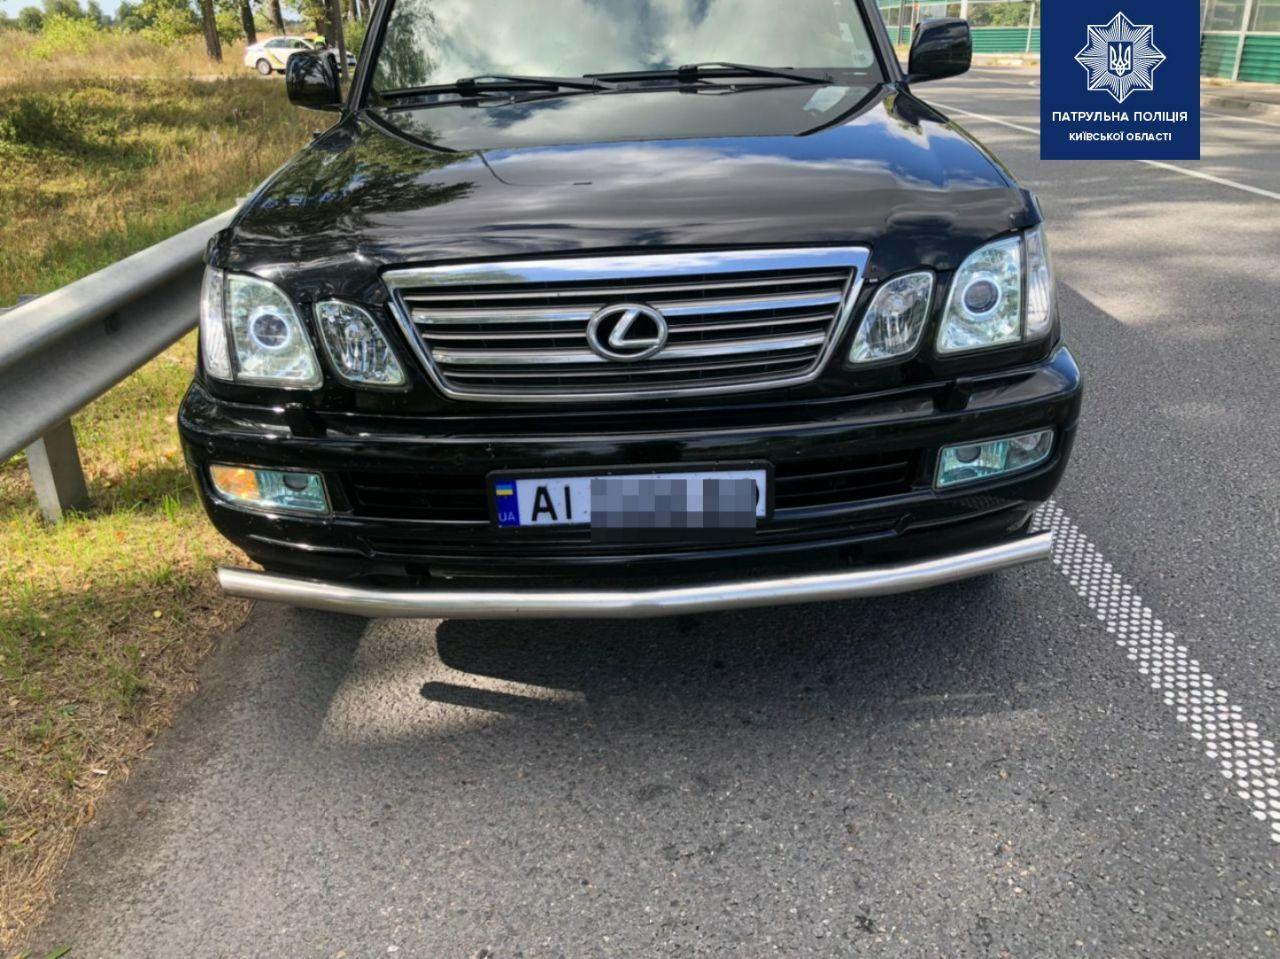 Плата за «красу»: скільком водіям на Київщині виписали штраф за 3D номерні знаки? - водій, автомобіль - 29 nomernoj znak